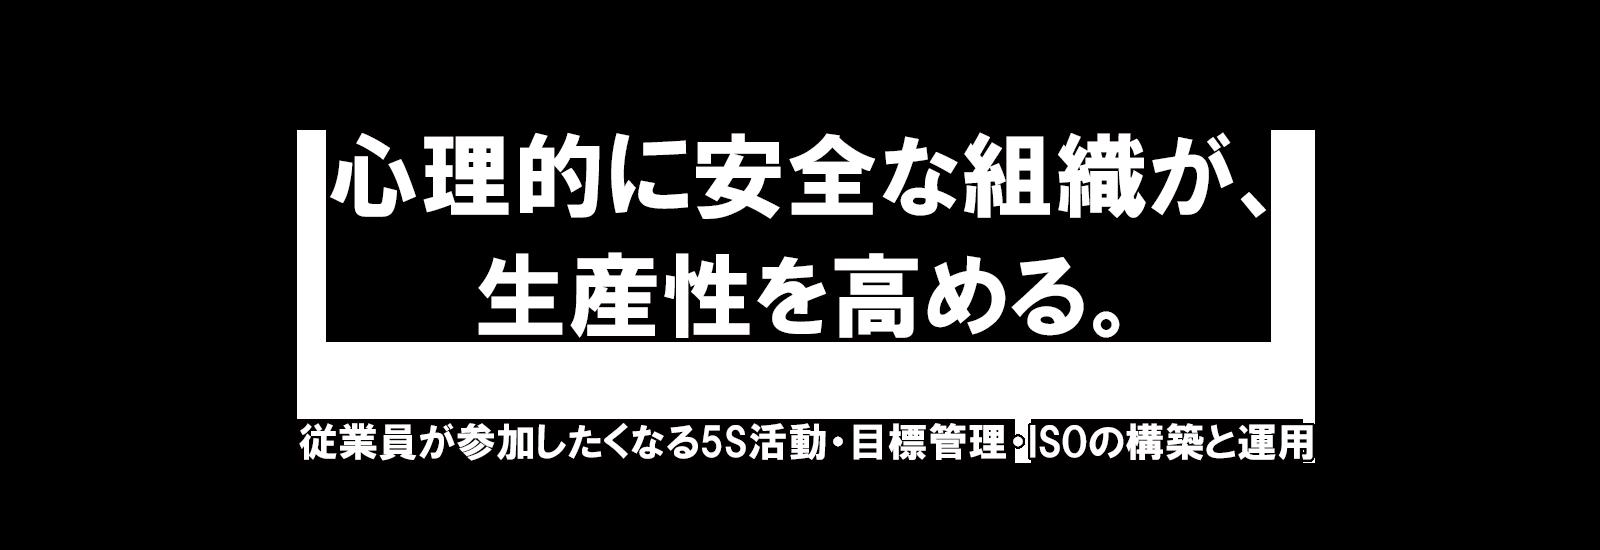 速報 特別定額給付金15万円 自民党有志議員グループが首相に提言 株式会社マネジメントオフィスいまむら 東京 神戸